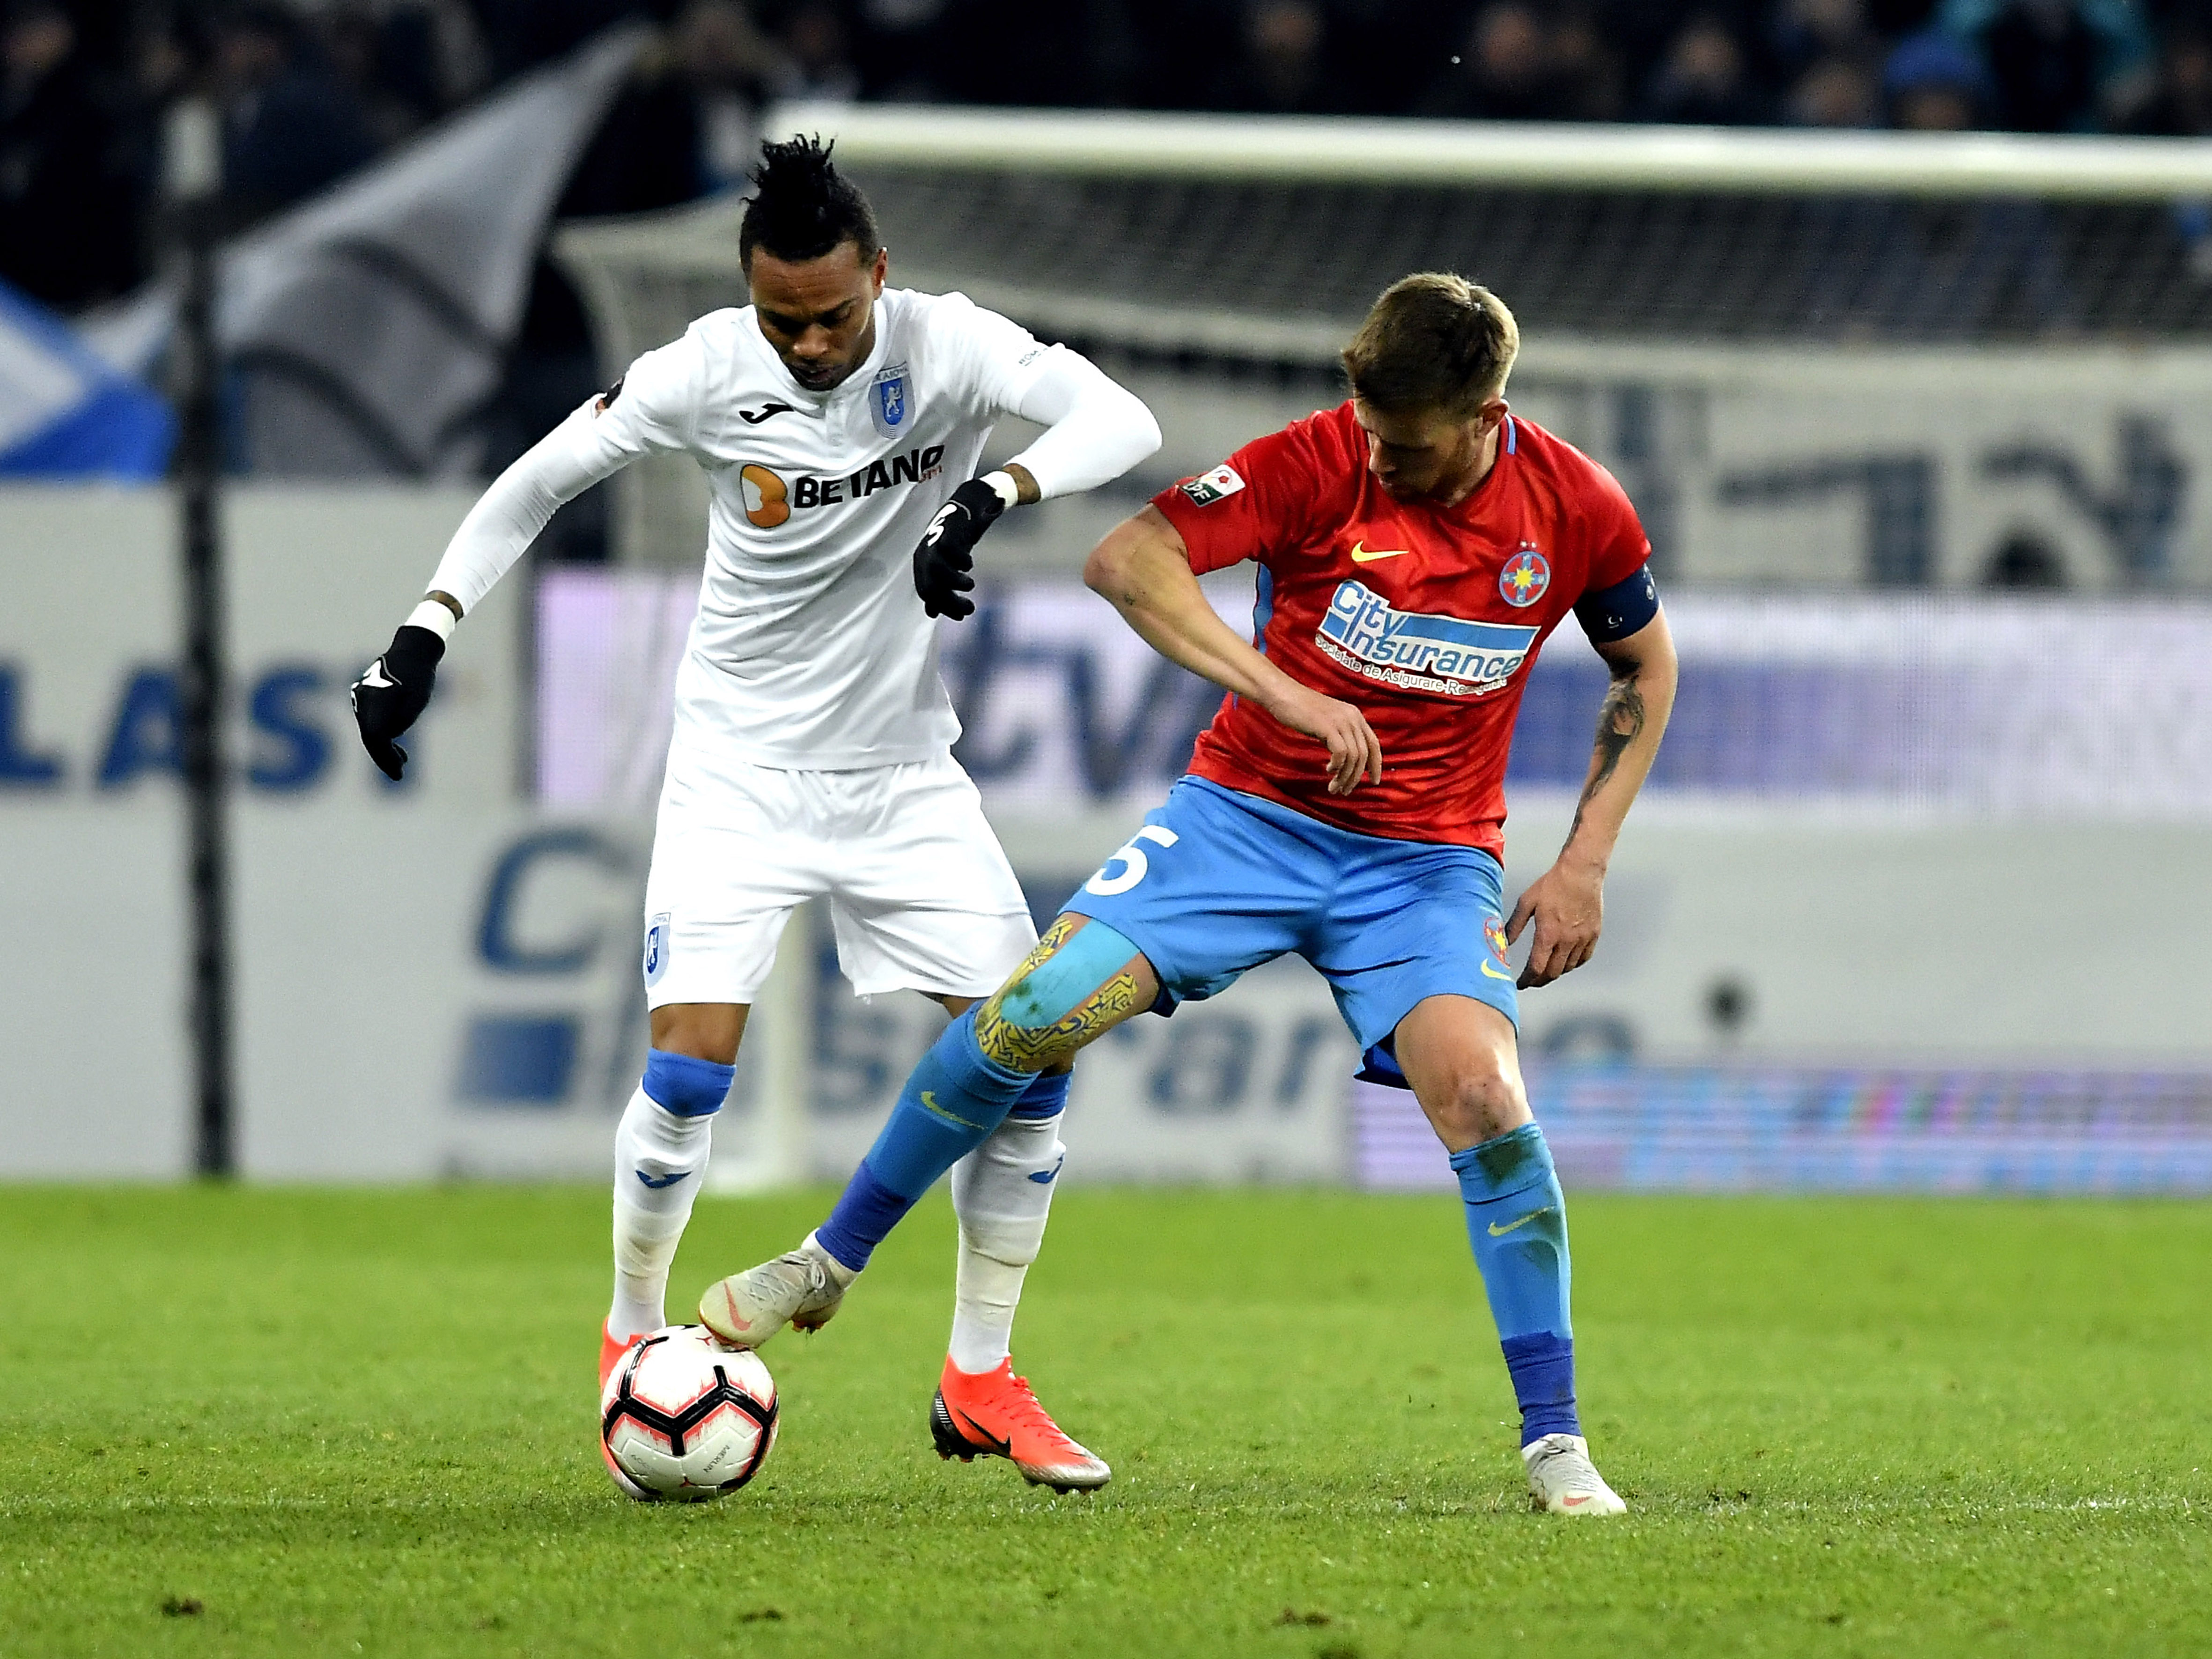 Nuno Rocha în duel pentru balon cu Mihai Pintilii în meciul FCSB - U Craiova